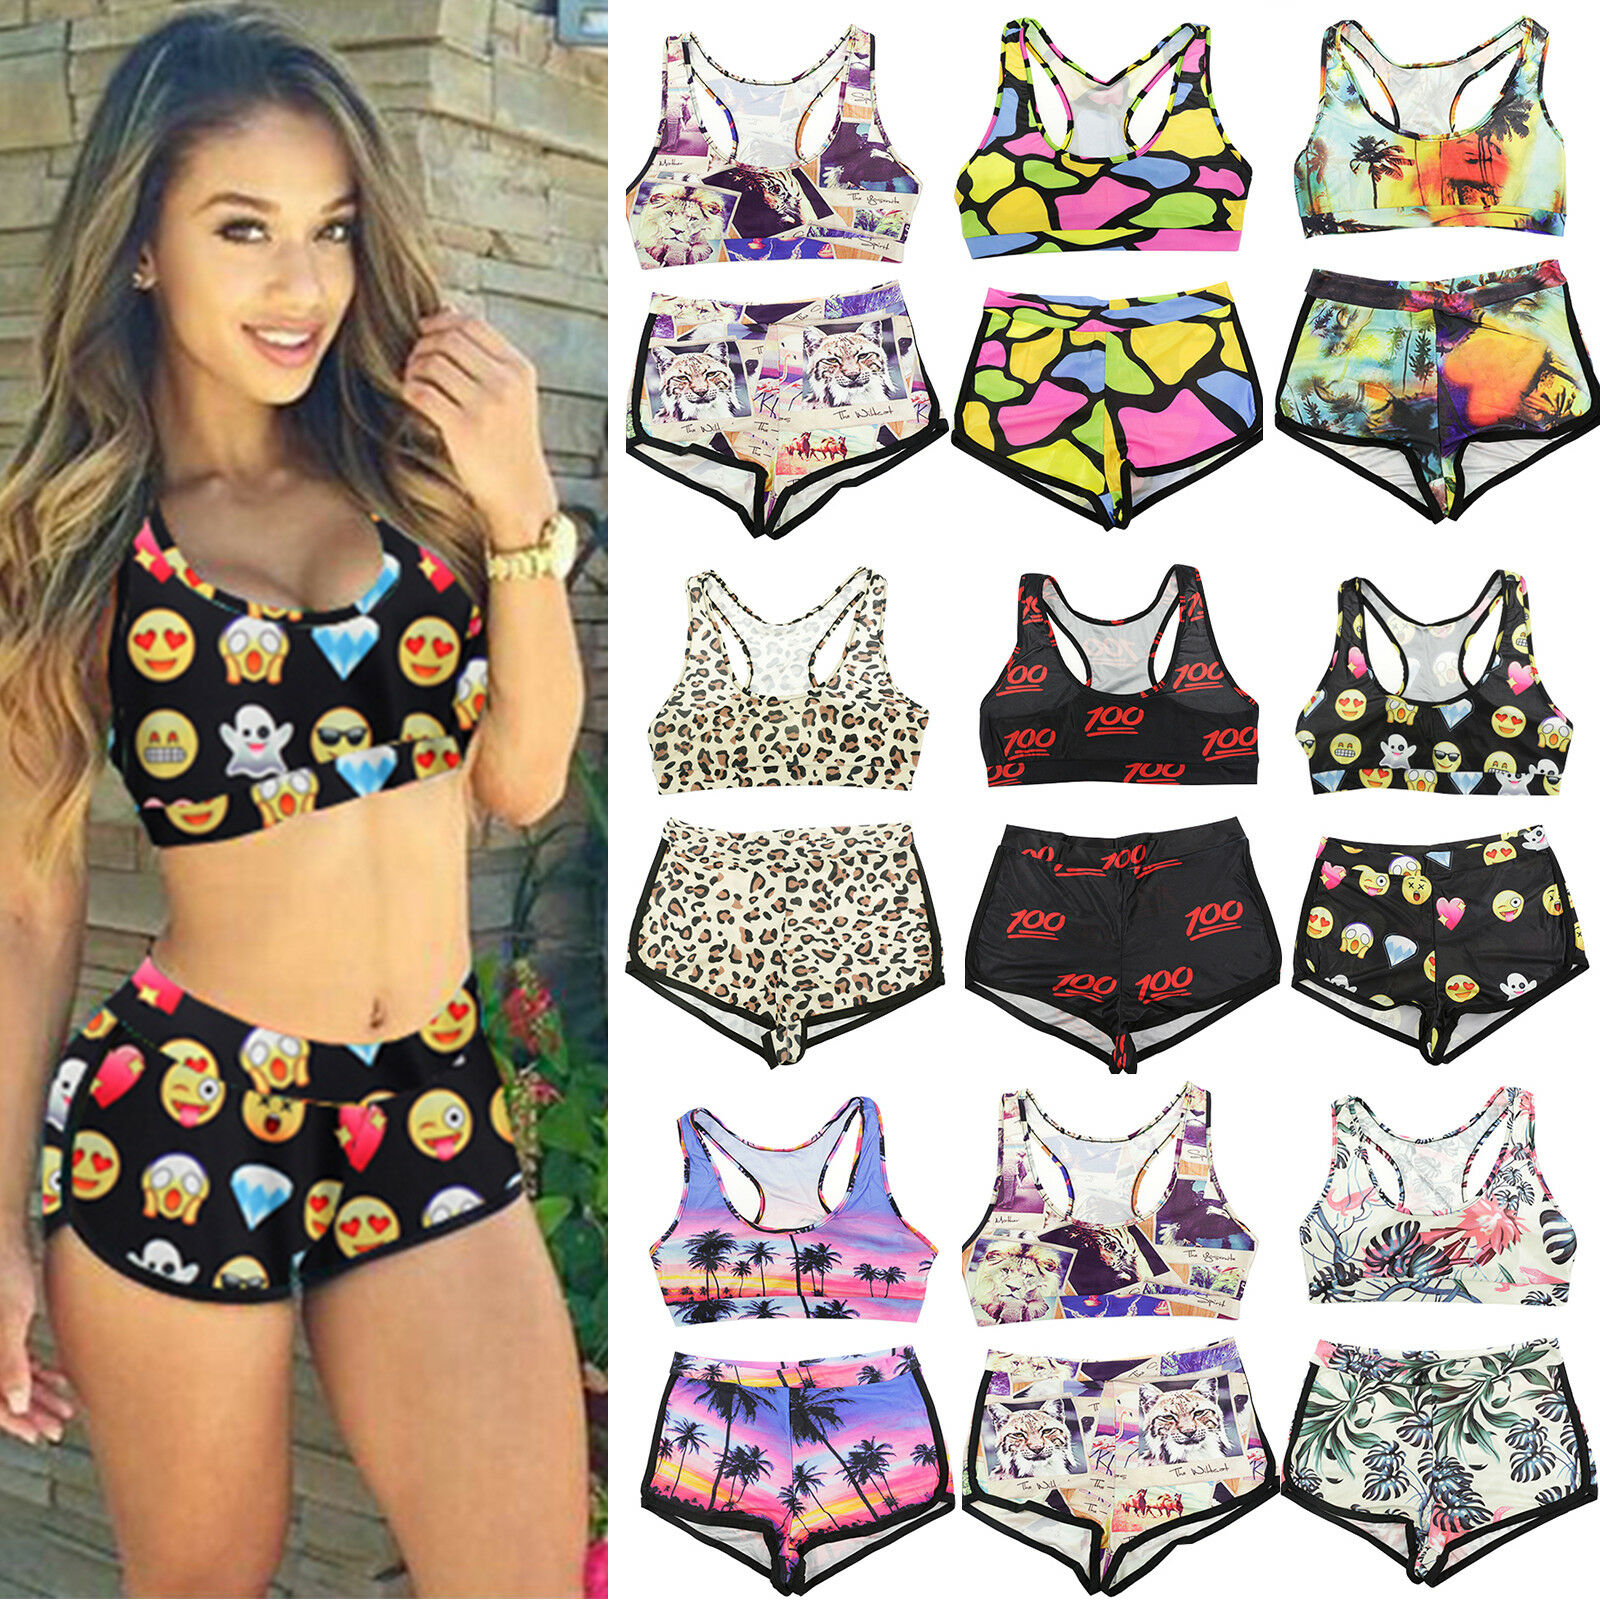 Damen Bikini Set Bademode hohe Taille Badeanzug Tops shorts Beachwear Swimwear